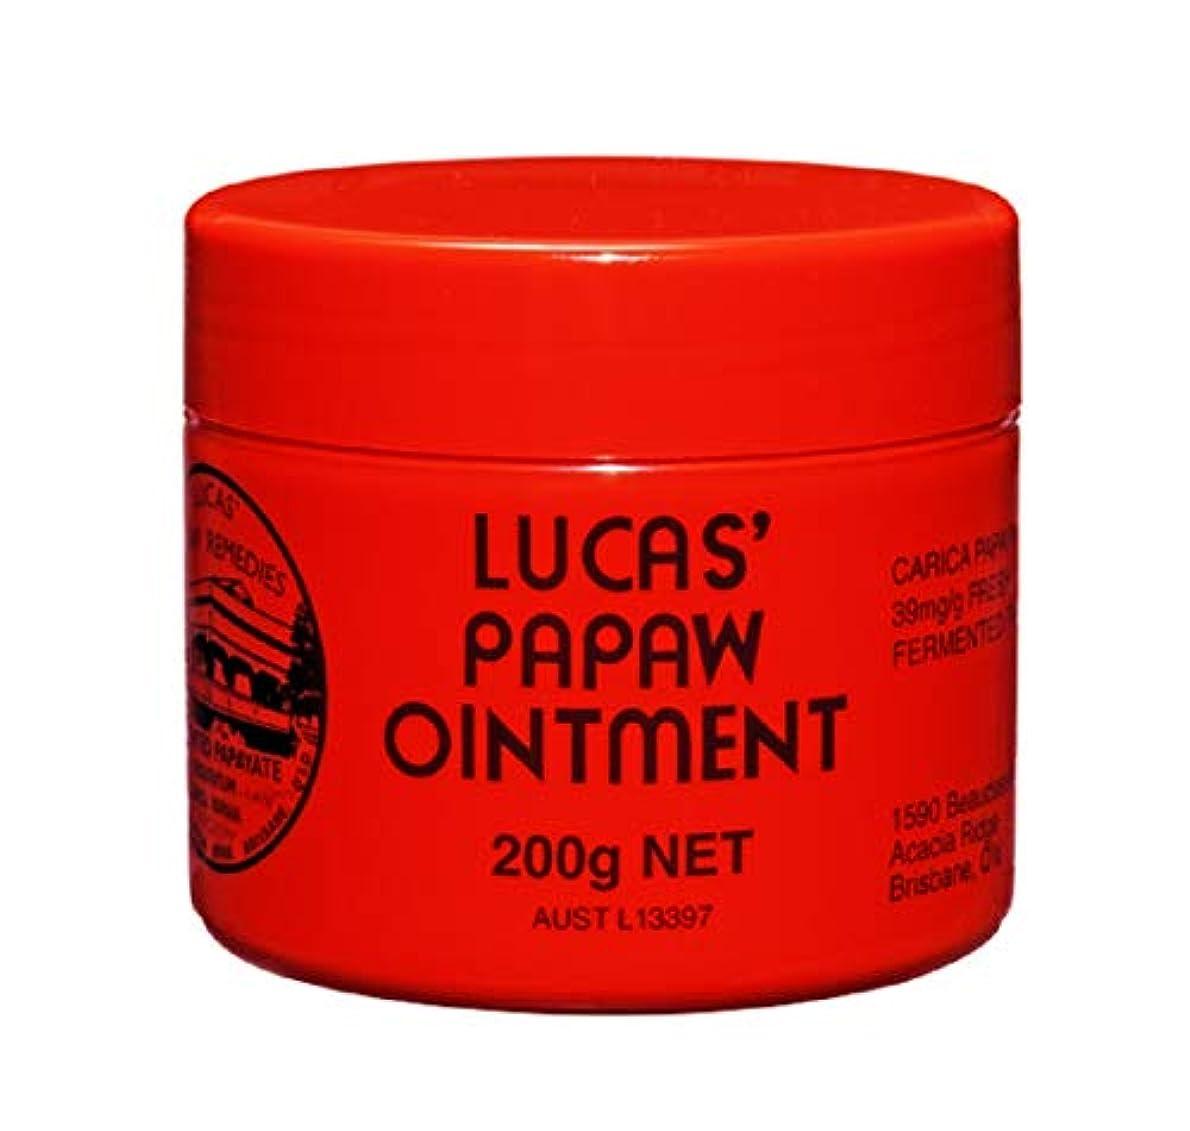 であることアームストロング[Lucas' Papaw Ointment] ルーカスポーポークリーム 200g